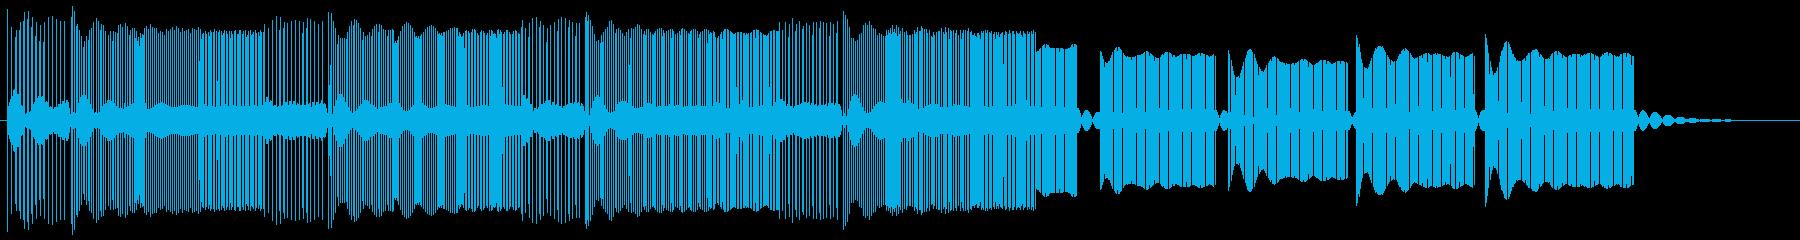 敵に遭遇した時の緊張した音 8bitの再生済みの波形